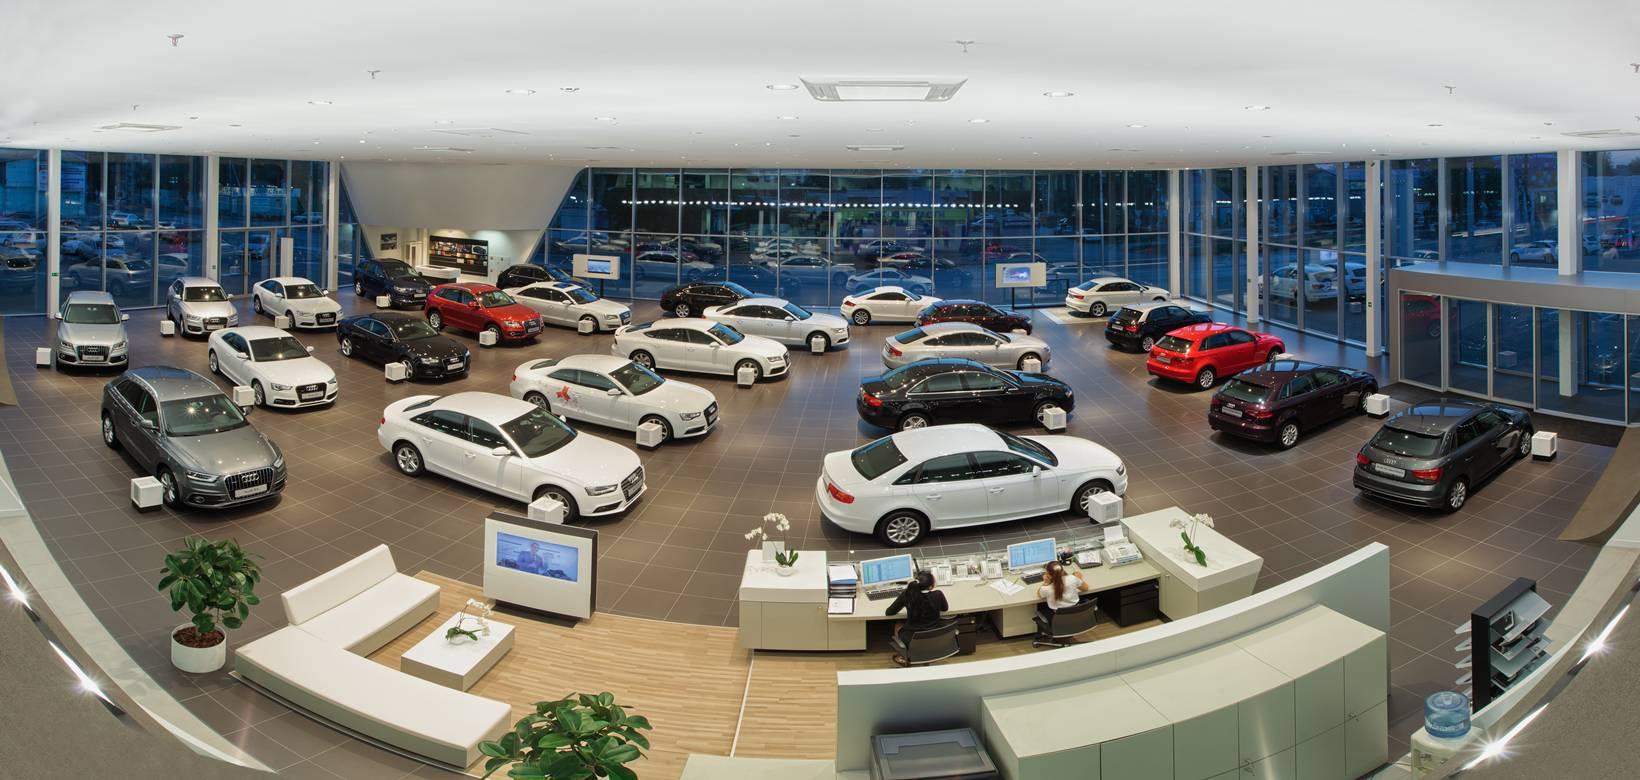 Способы покупки автомобиля в финляндии для россиян в 2020 год